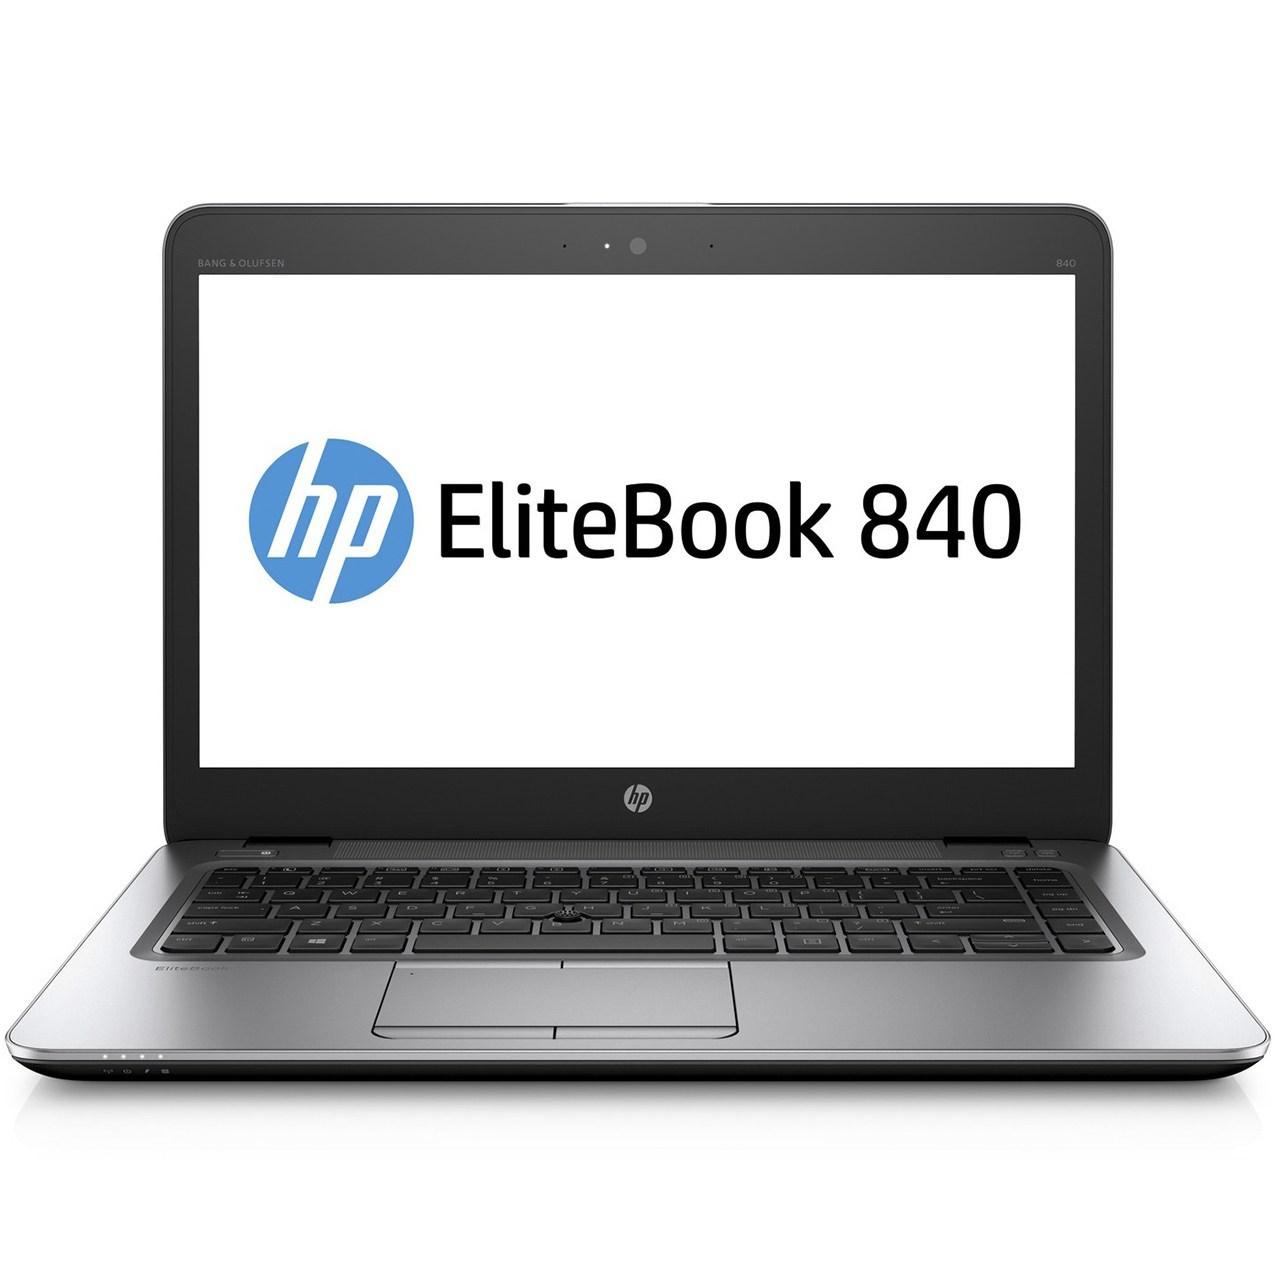 لپ تاپ 14 اینچی اچ پی مدل EliteBook 840 G3 - A